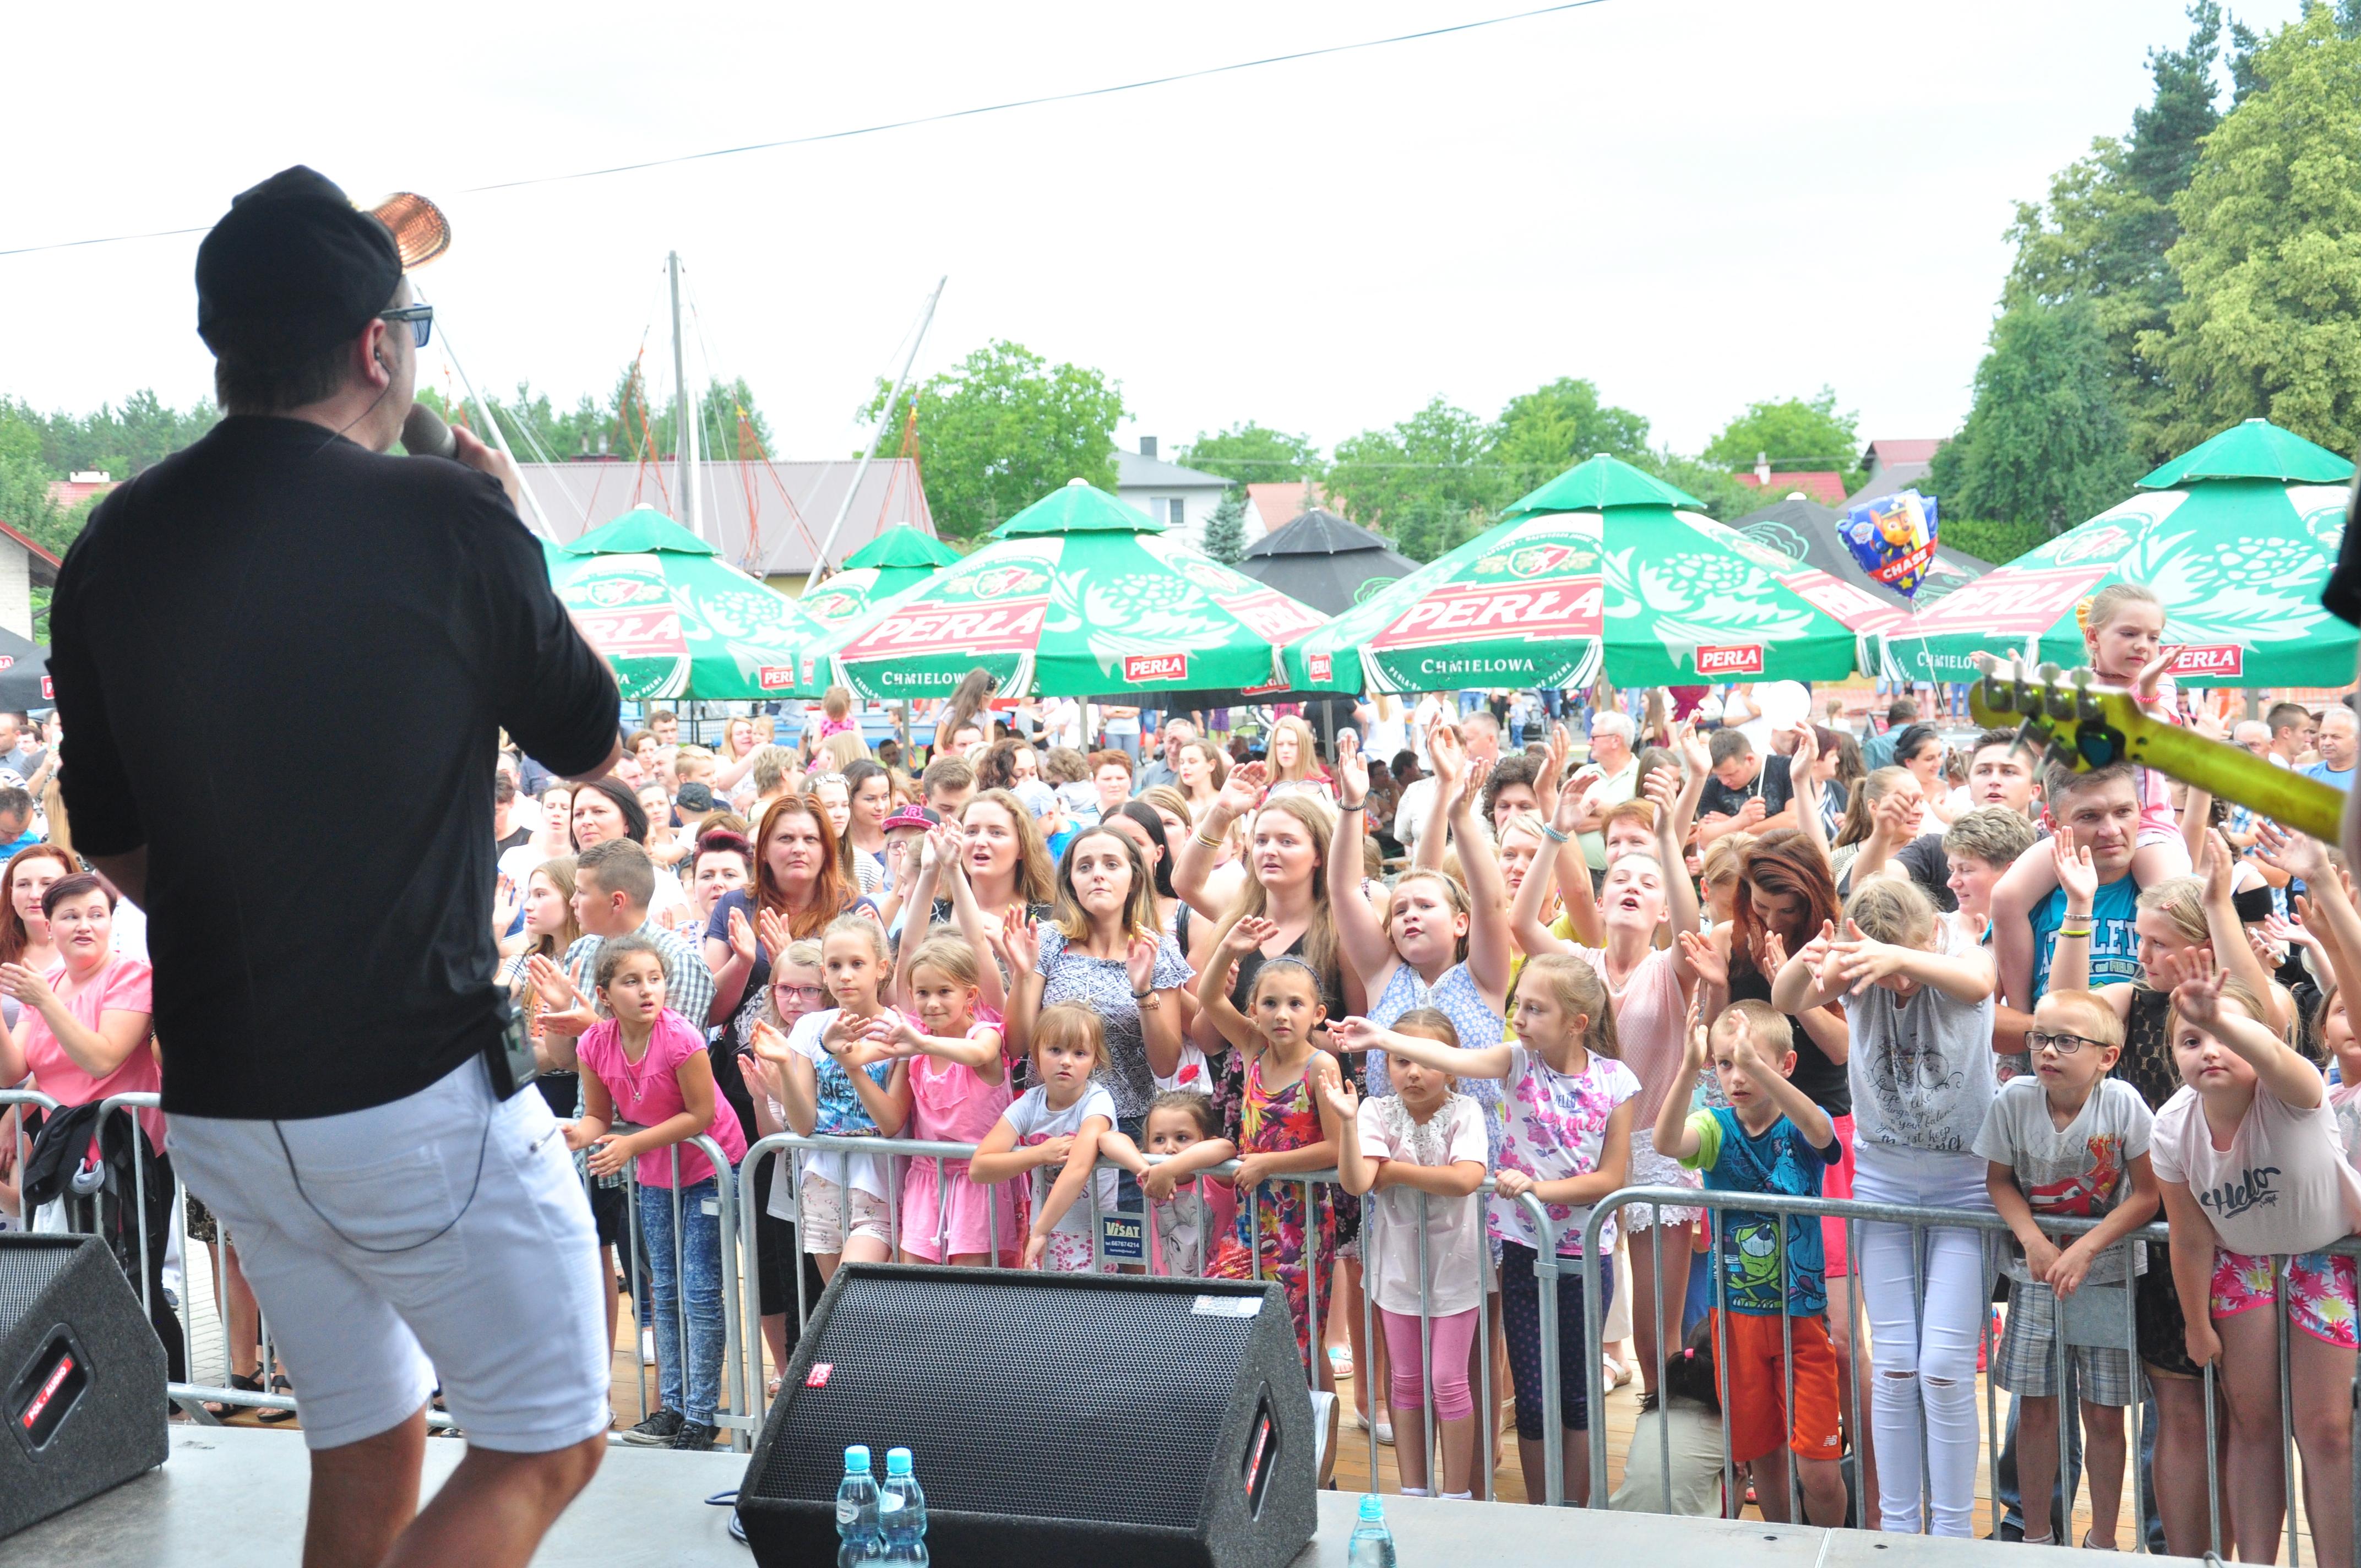 Andre porwał publiczność podczas tegorocznych Dni Raniżowa. Zobacz nagrania z niedzielnego koncertu  - Zdjęcie główne